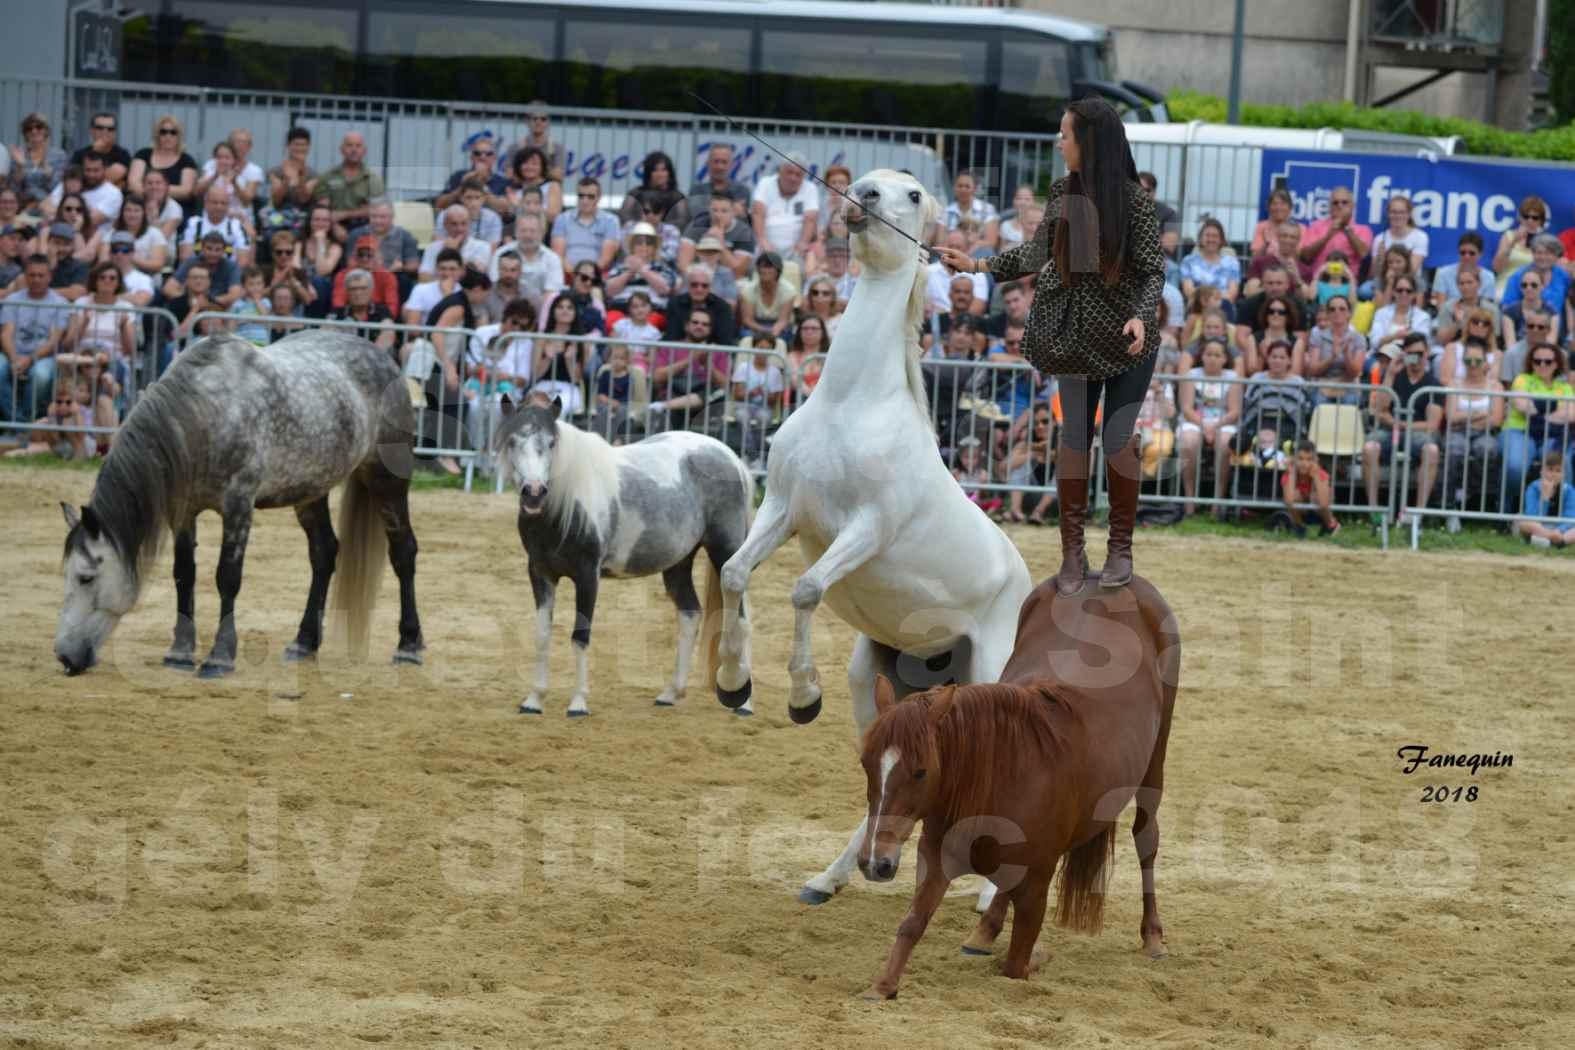 Spectacle Équestre le 3 juin 2018 à Saint Gély du Fesc - 5 chevaux en liberté - Anne Gaëlle BERTHO - 06